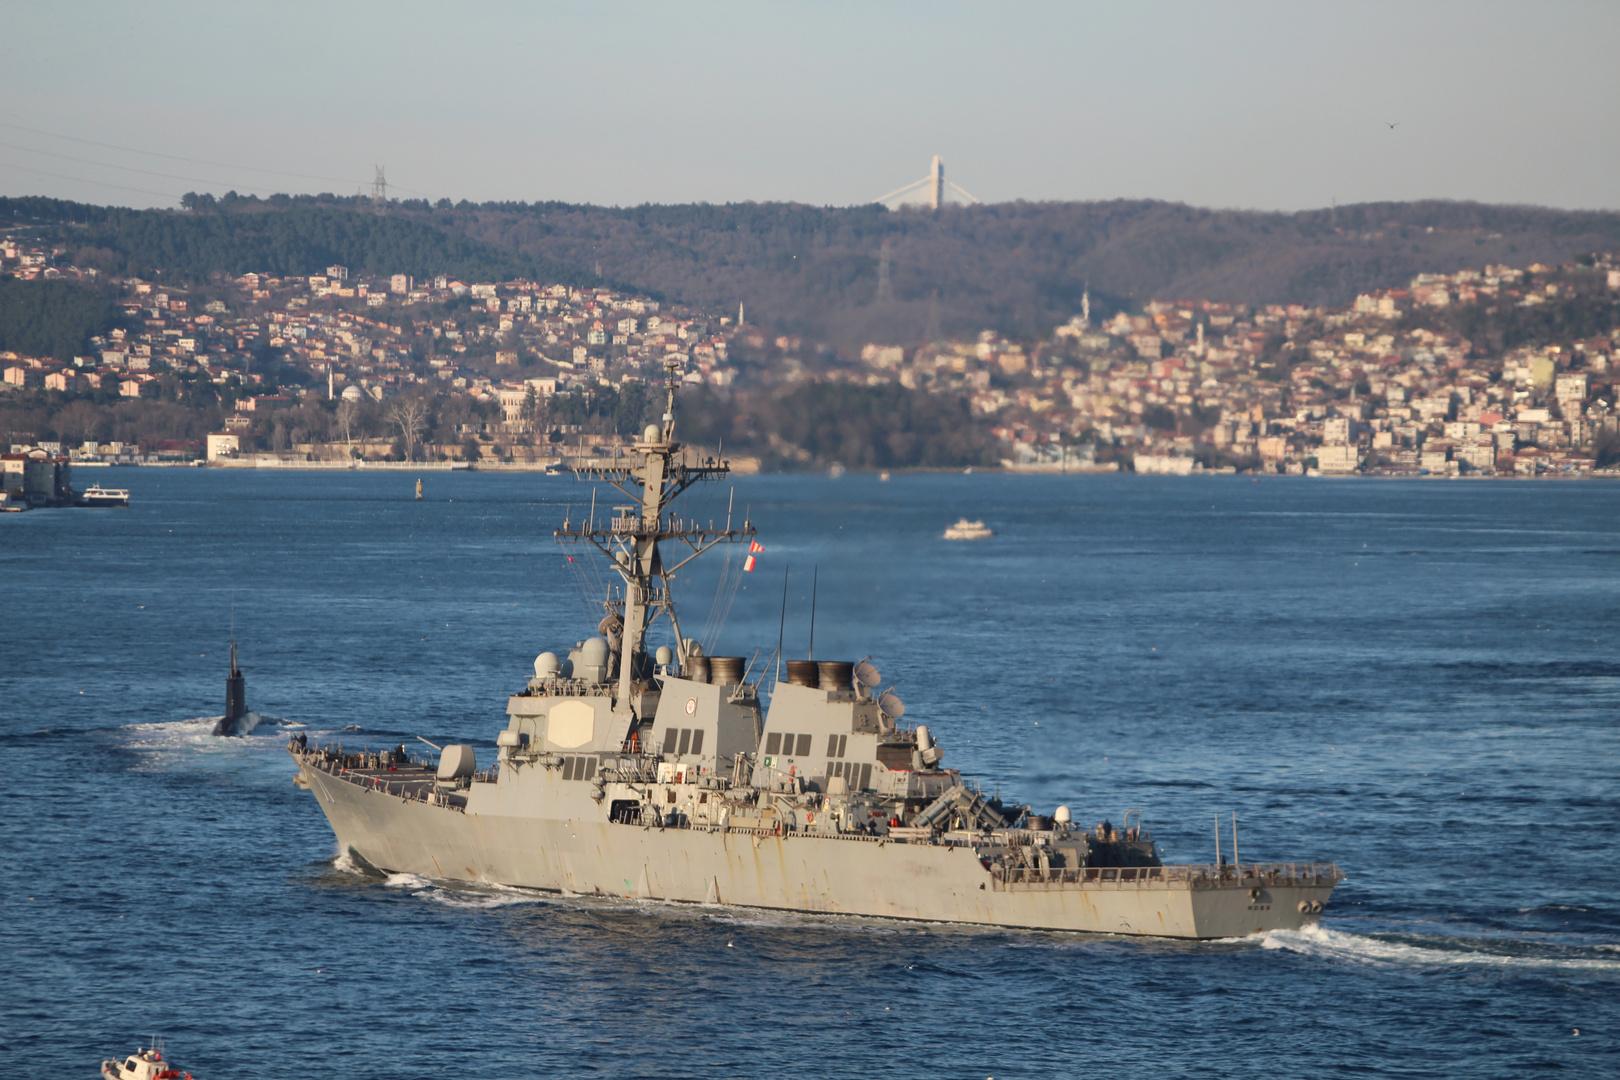 مدمرة أمريكية صاروخية تدخل مياه البحر الأسود للمشاركة في مناورات عسكرية كبيرة